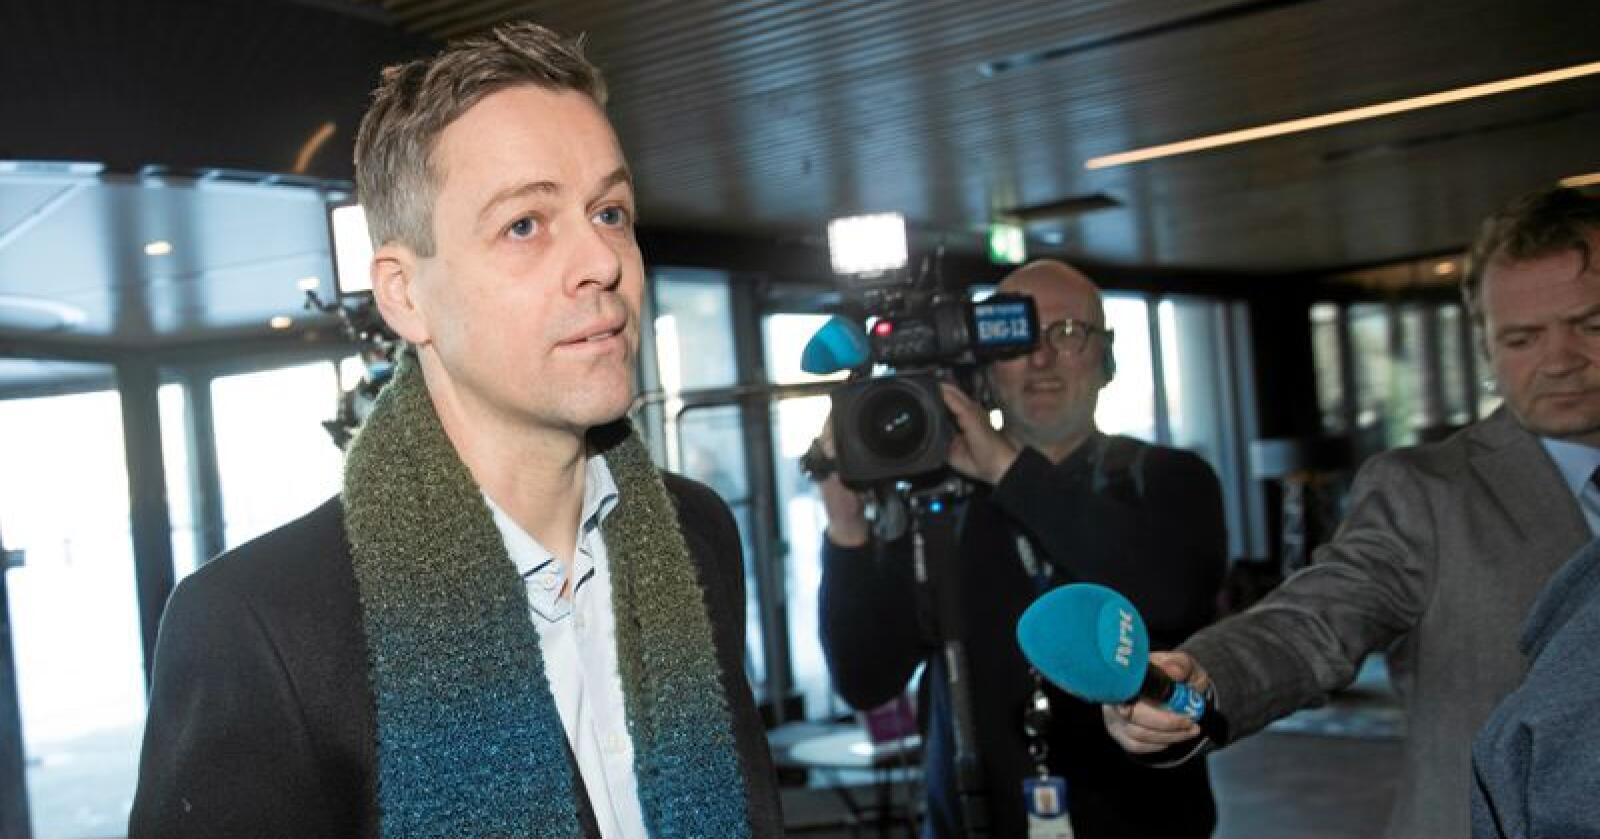 Ringvirkninger: Etter Knut Arild Hareides avgang som partileder har flere sentrale personer i partiet meldt seg ut. Foto: Terje Bendiksby / NTB scanpix